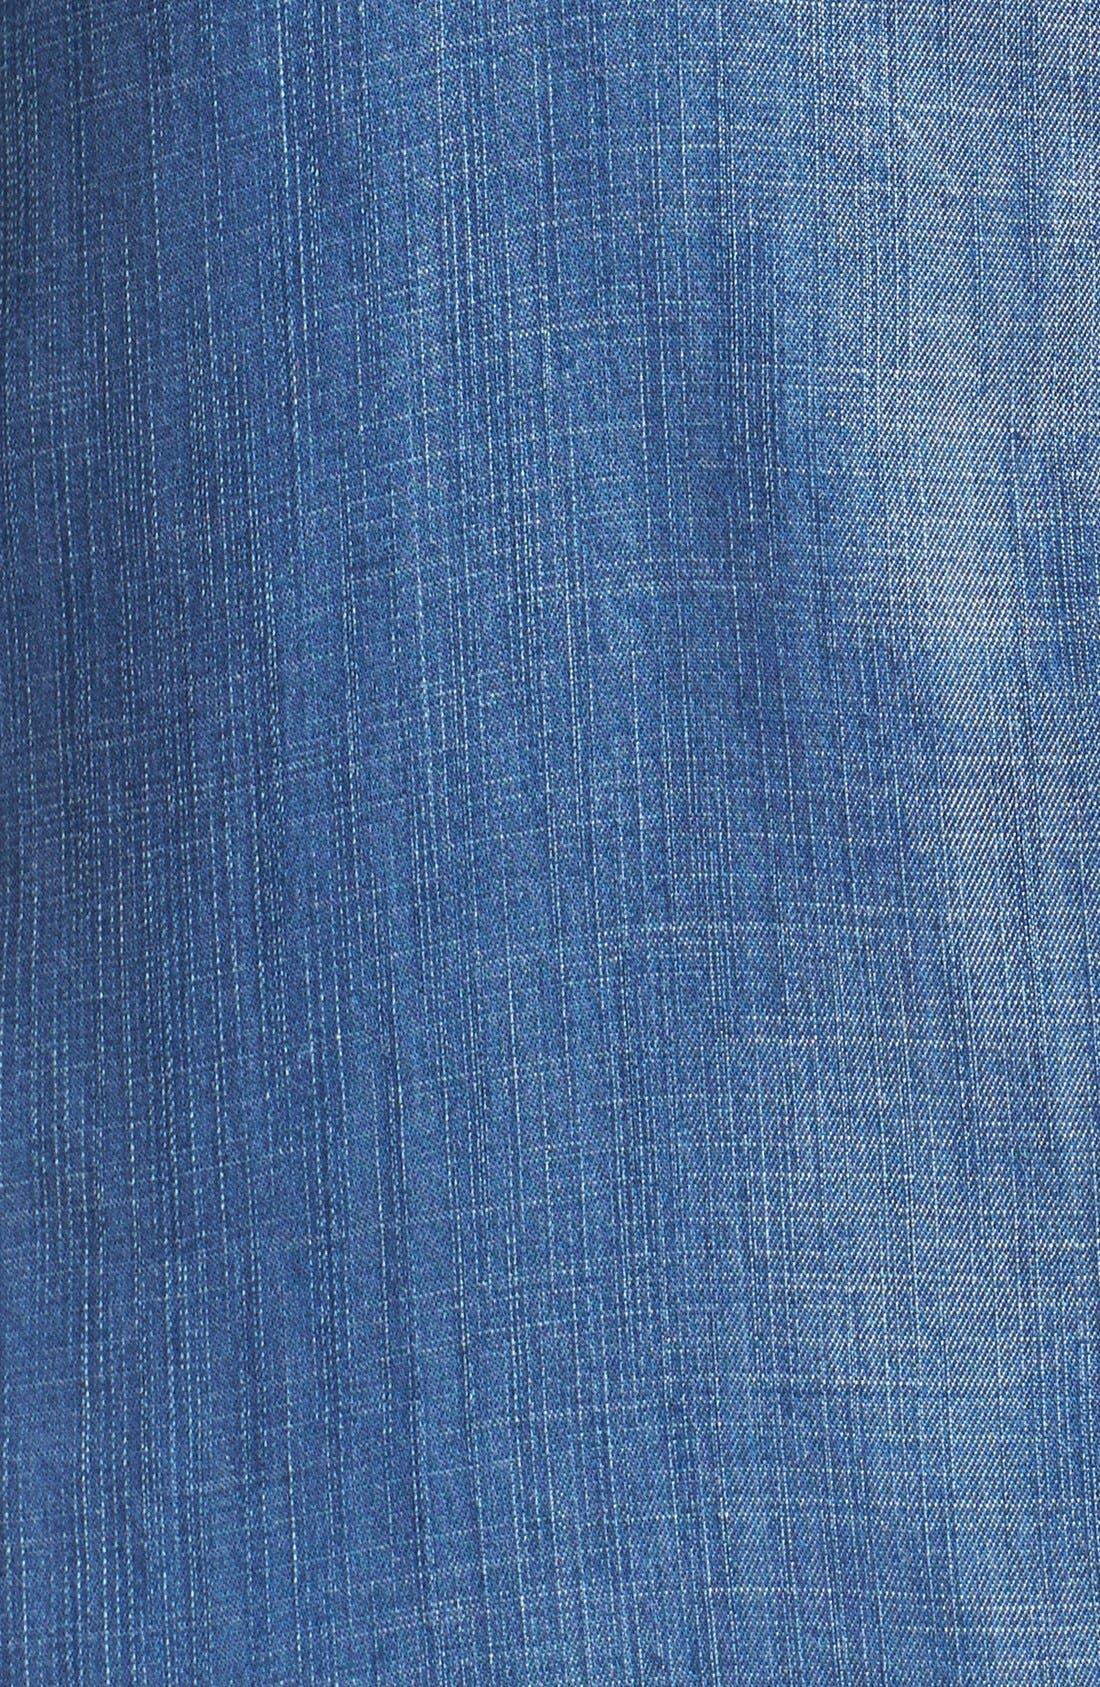 Alternate Image 4  - Tart 'Jenine' Chambray Shirtdress